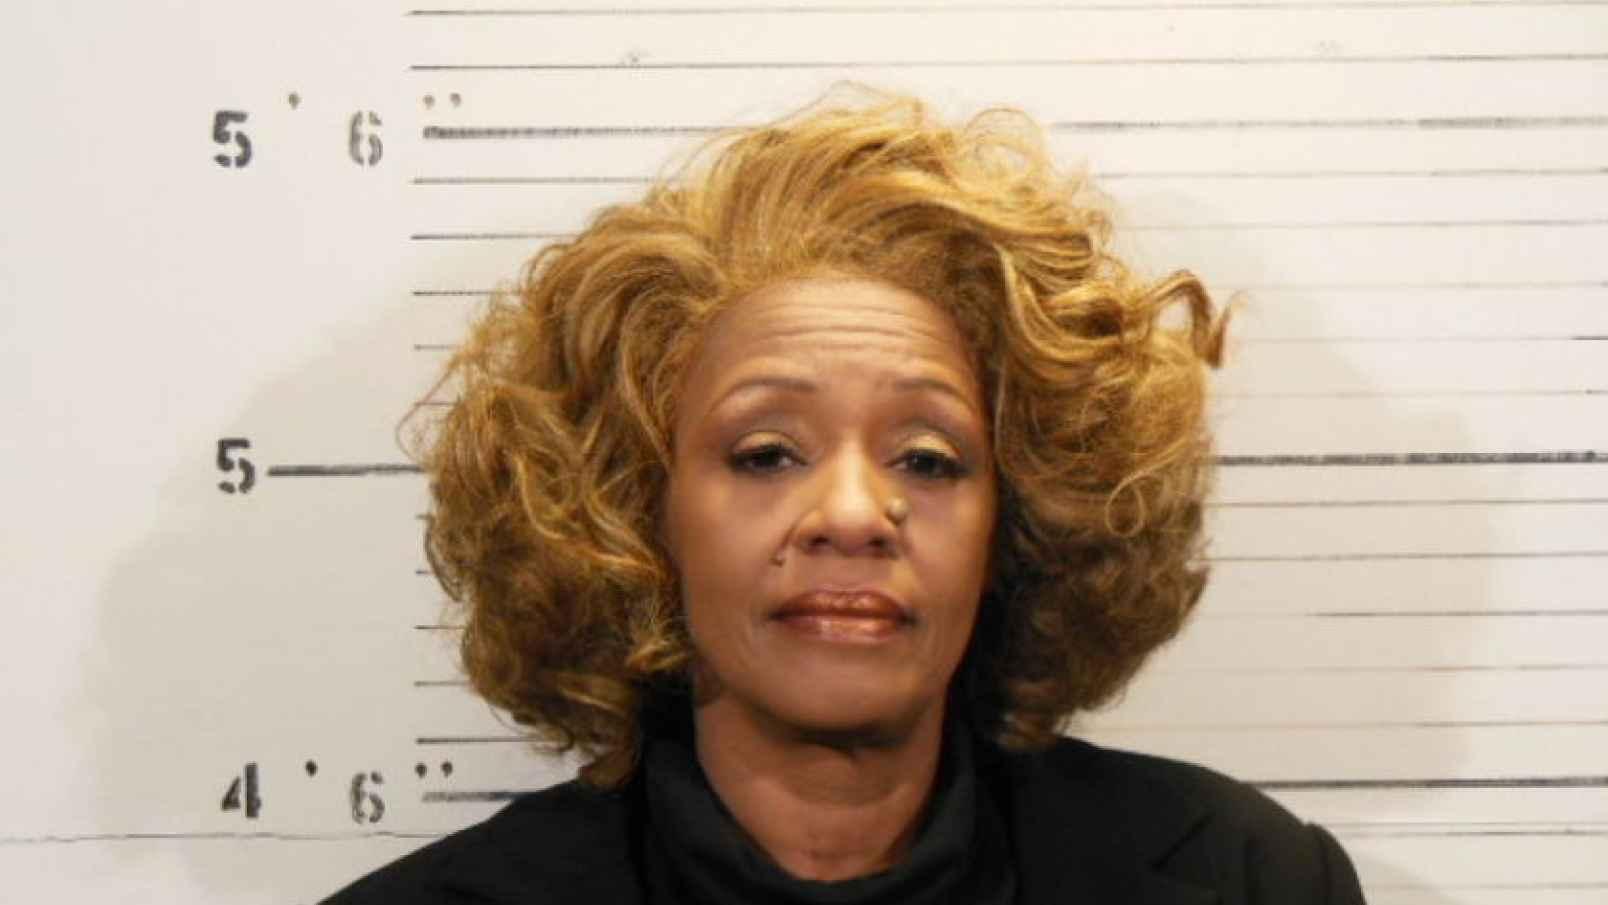 Alorton Mayor JoAnn Reed